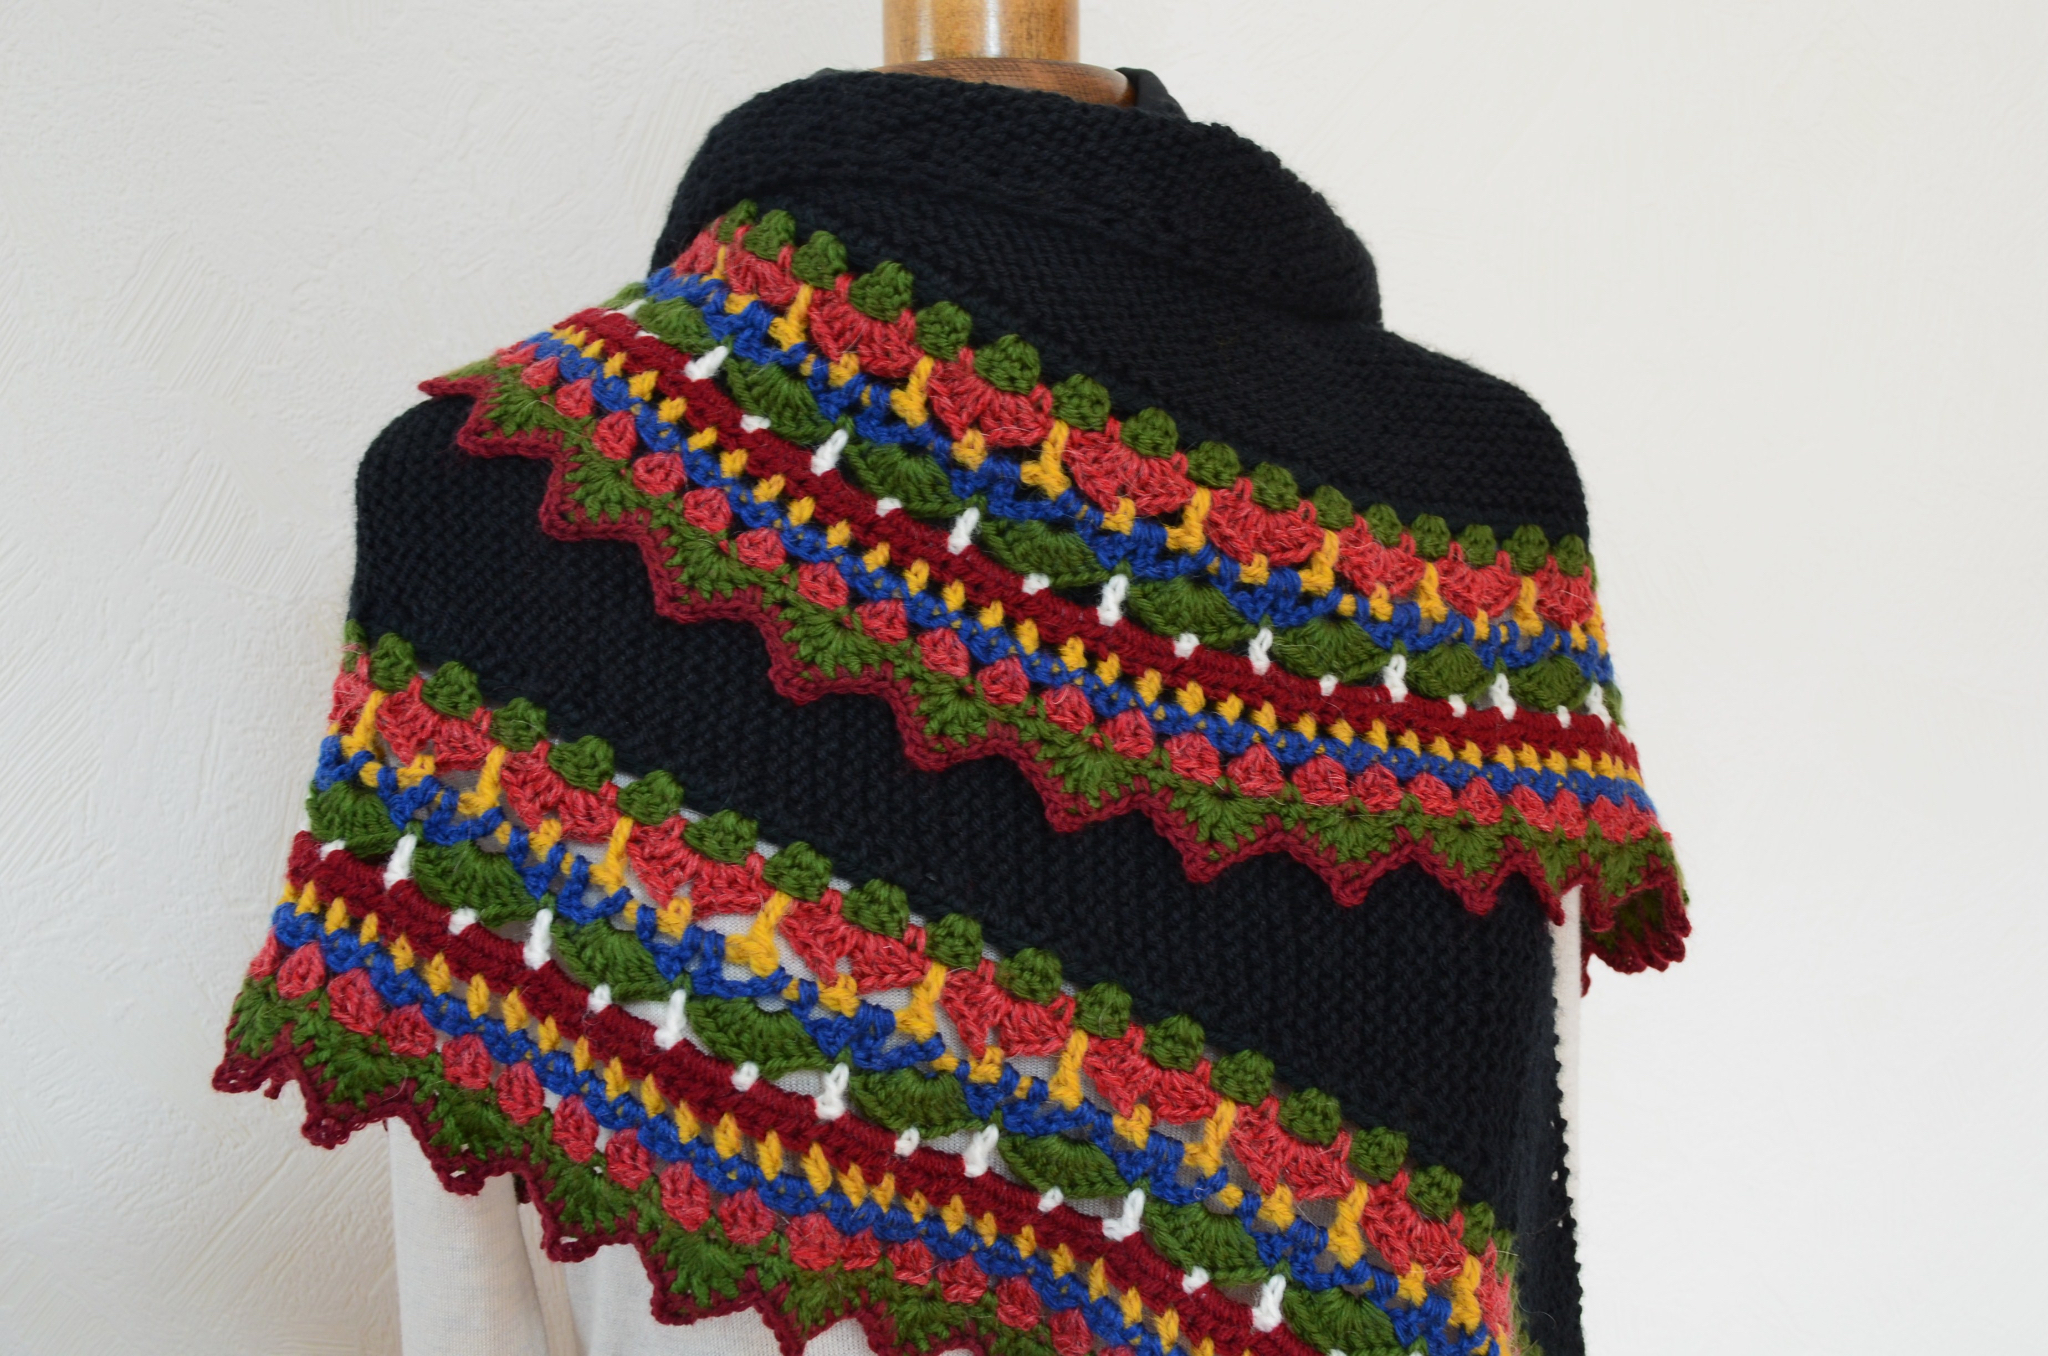 Châle folk-tricot-crochet-laine-La chouette bricole (25)